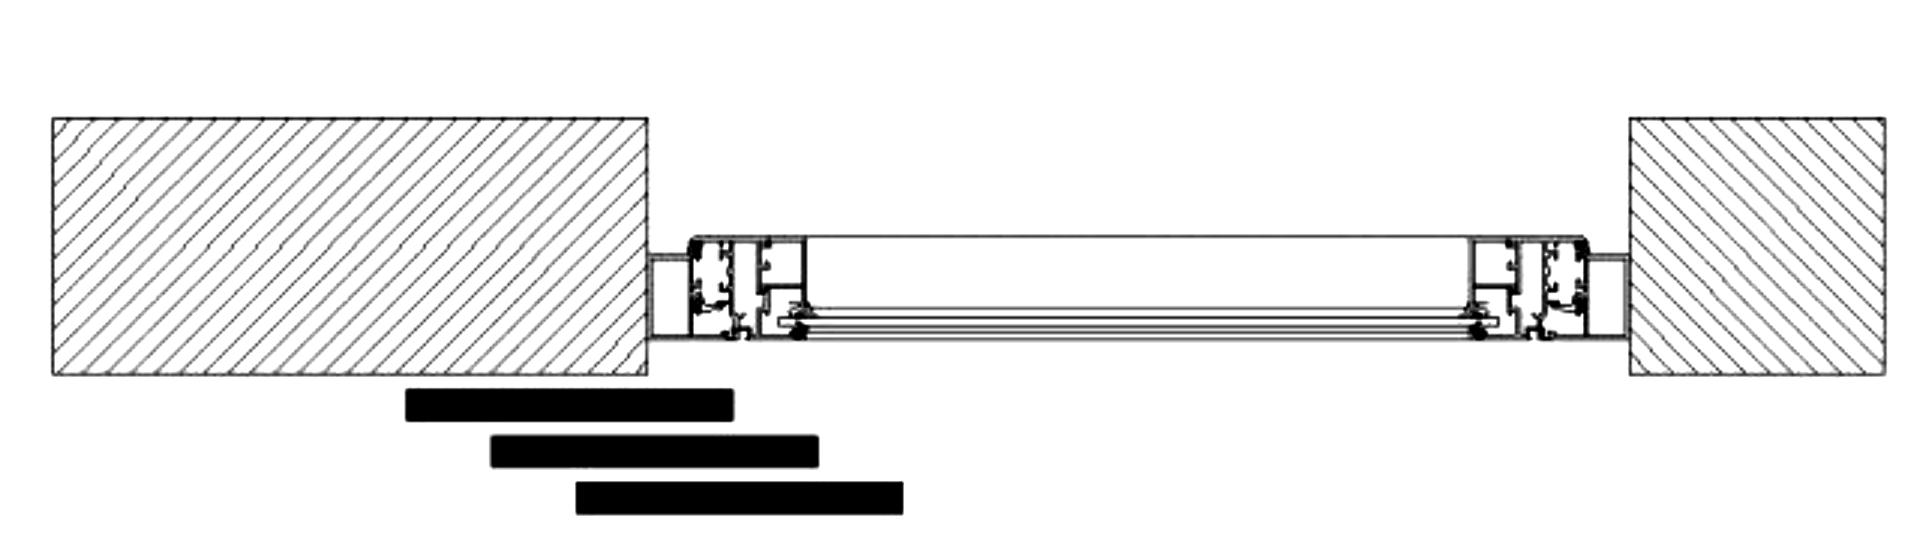 Sliding Shutters Division Diagram 3l3l